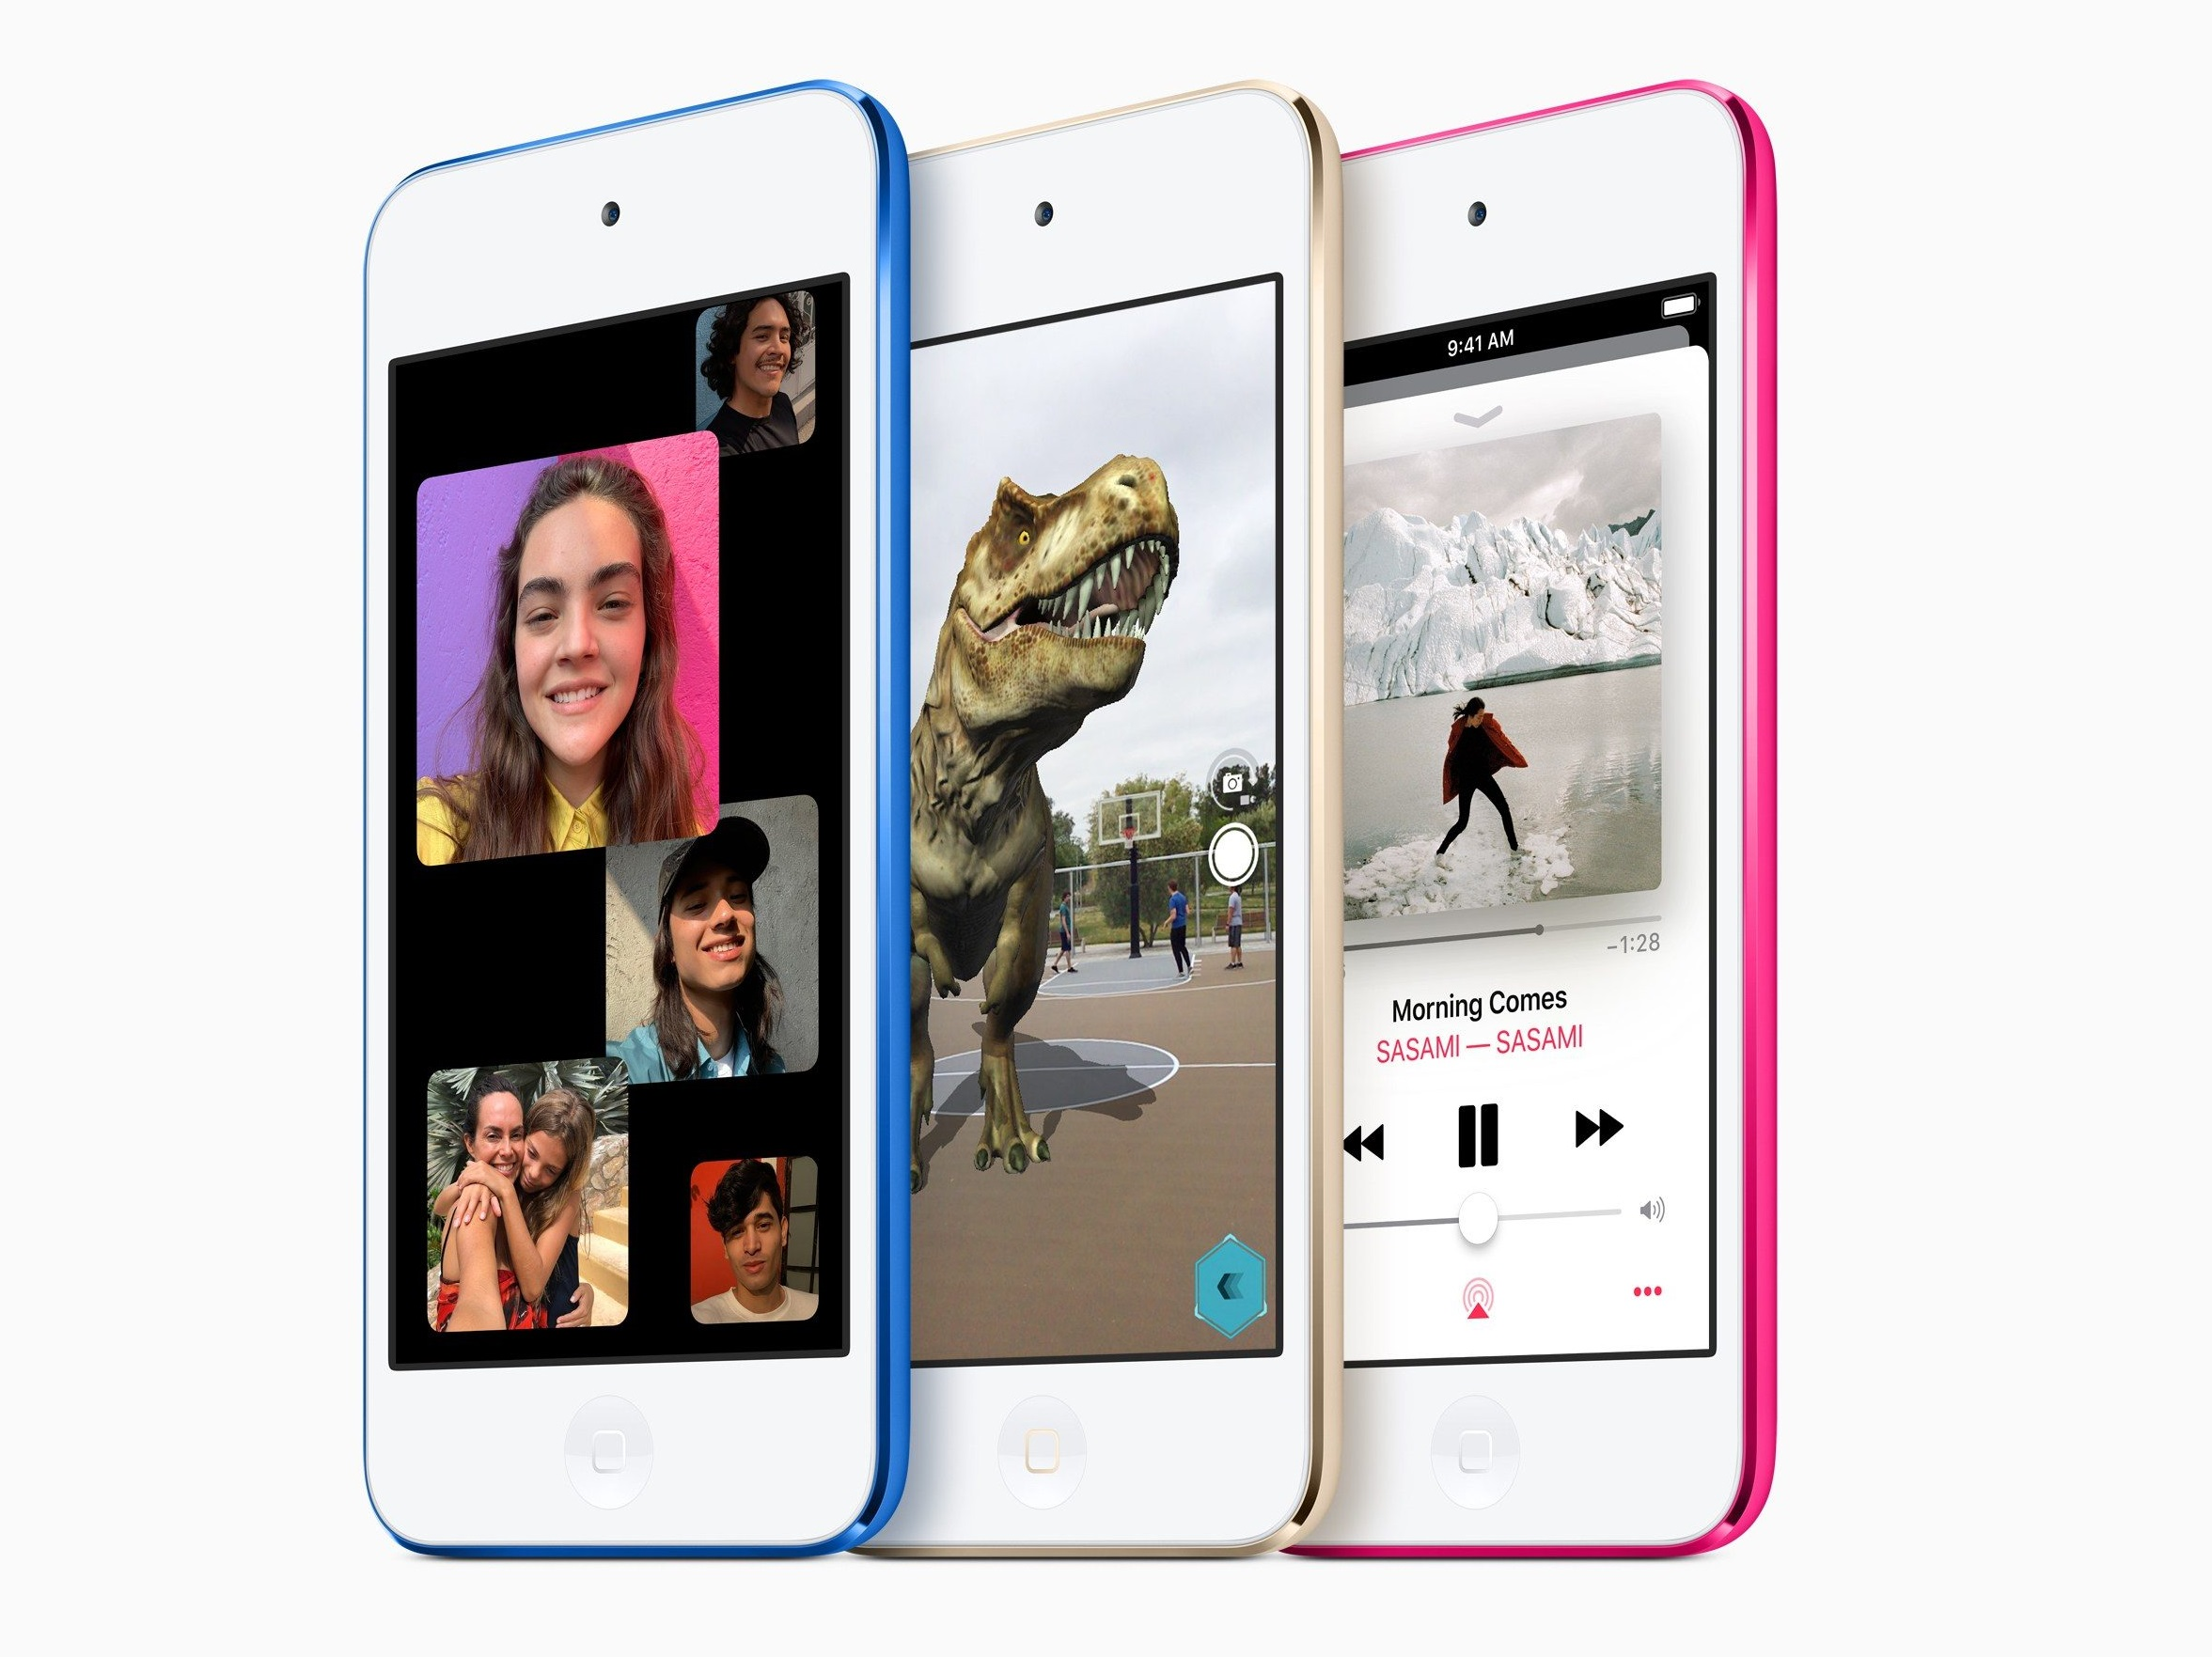 苹果相隔4年突推全新iPod touch。网上图片